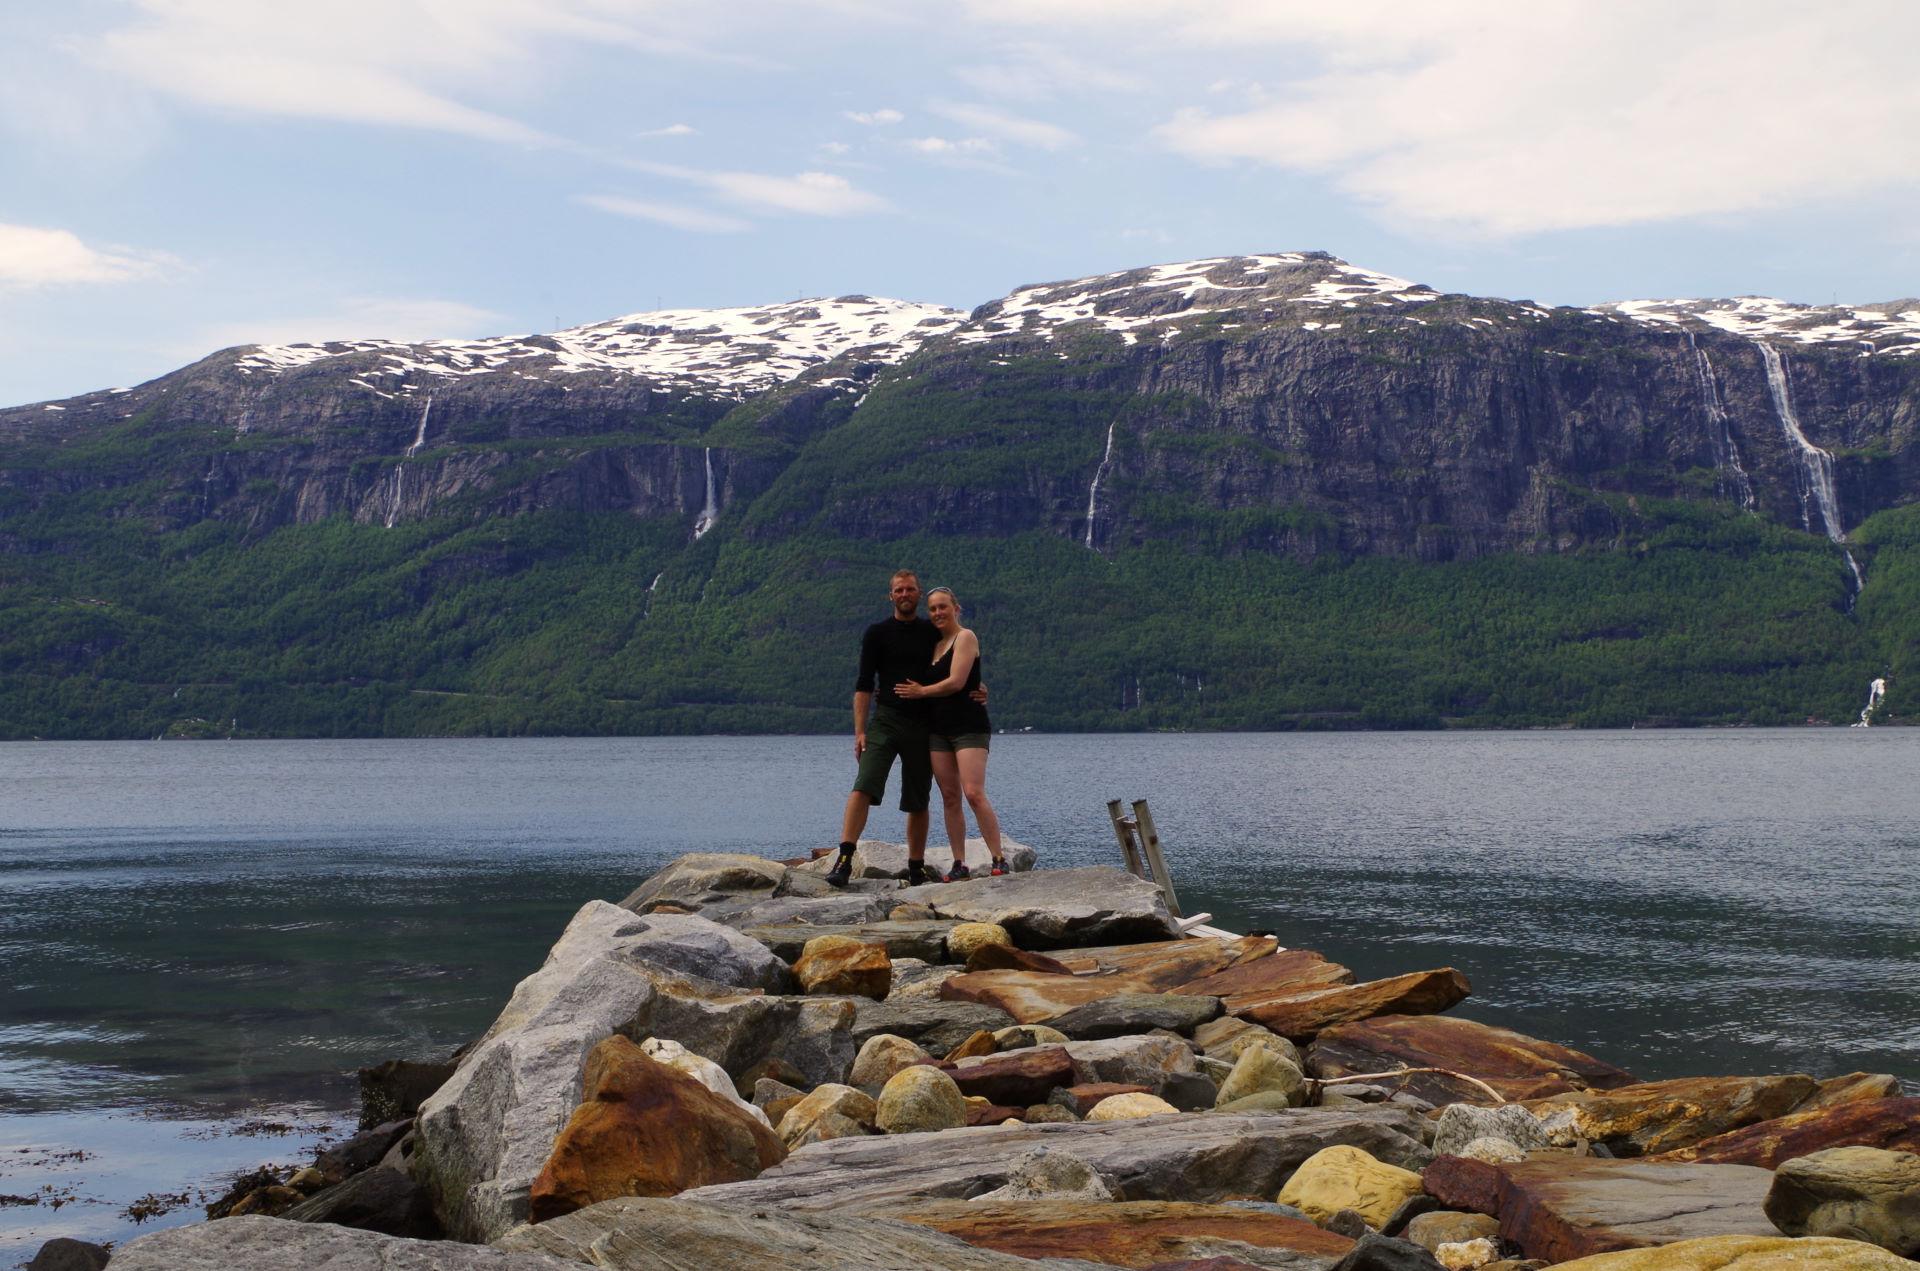 Norge 2. juli - 5. juli Fra Lothe mod Bergen